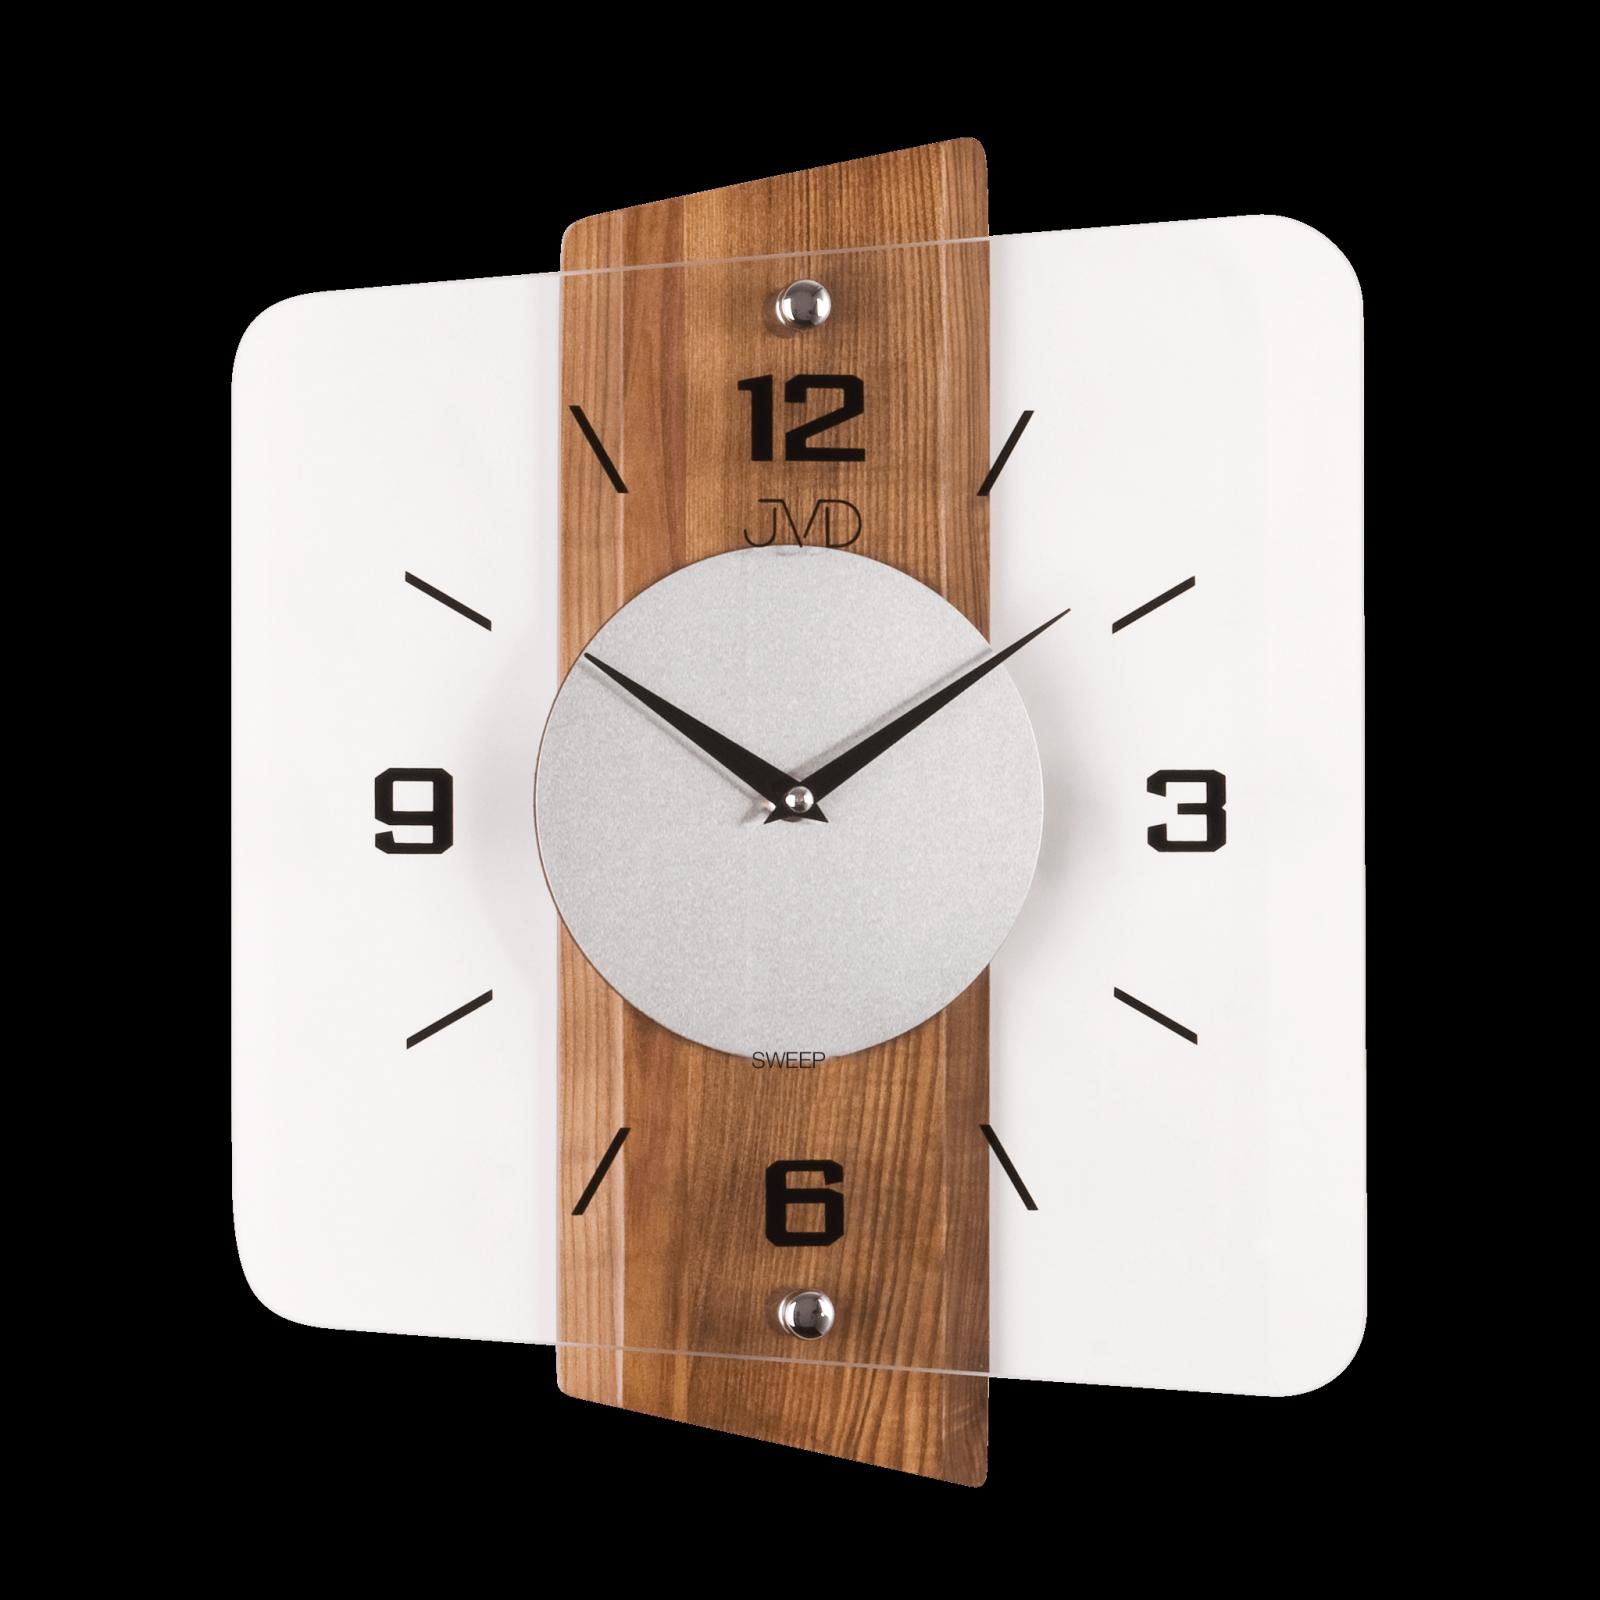 JVD Moderní skleněné a dřevěné nástěnné hodiny na zeď čtvercové designové hodiny N20131.68.1 olše